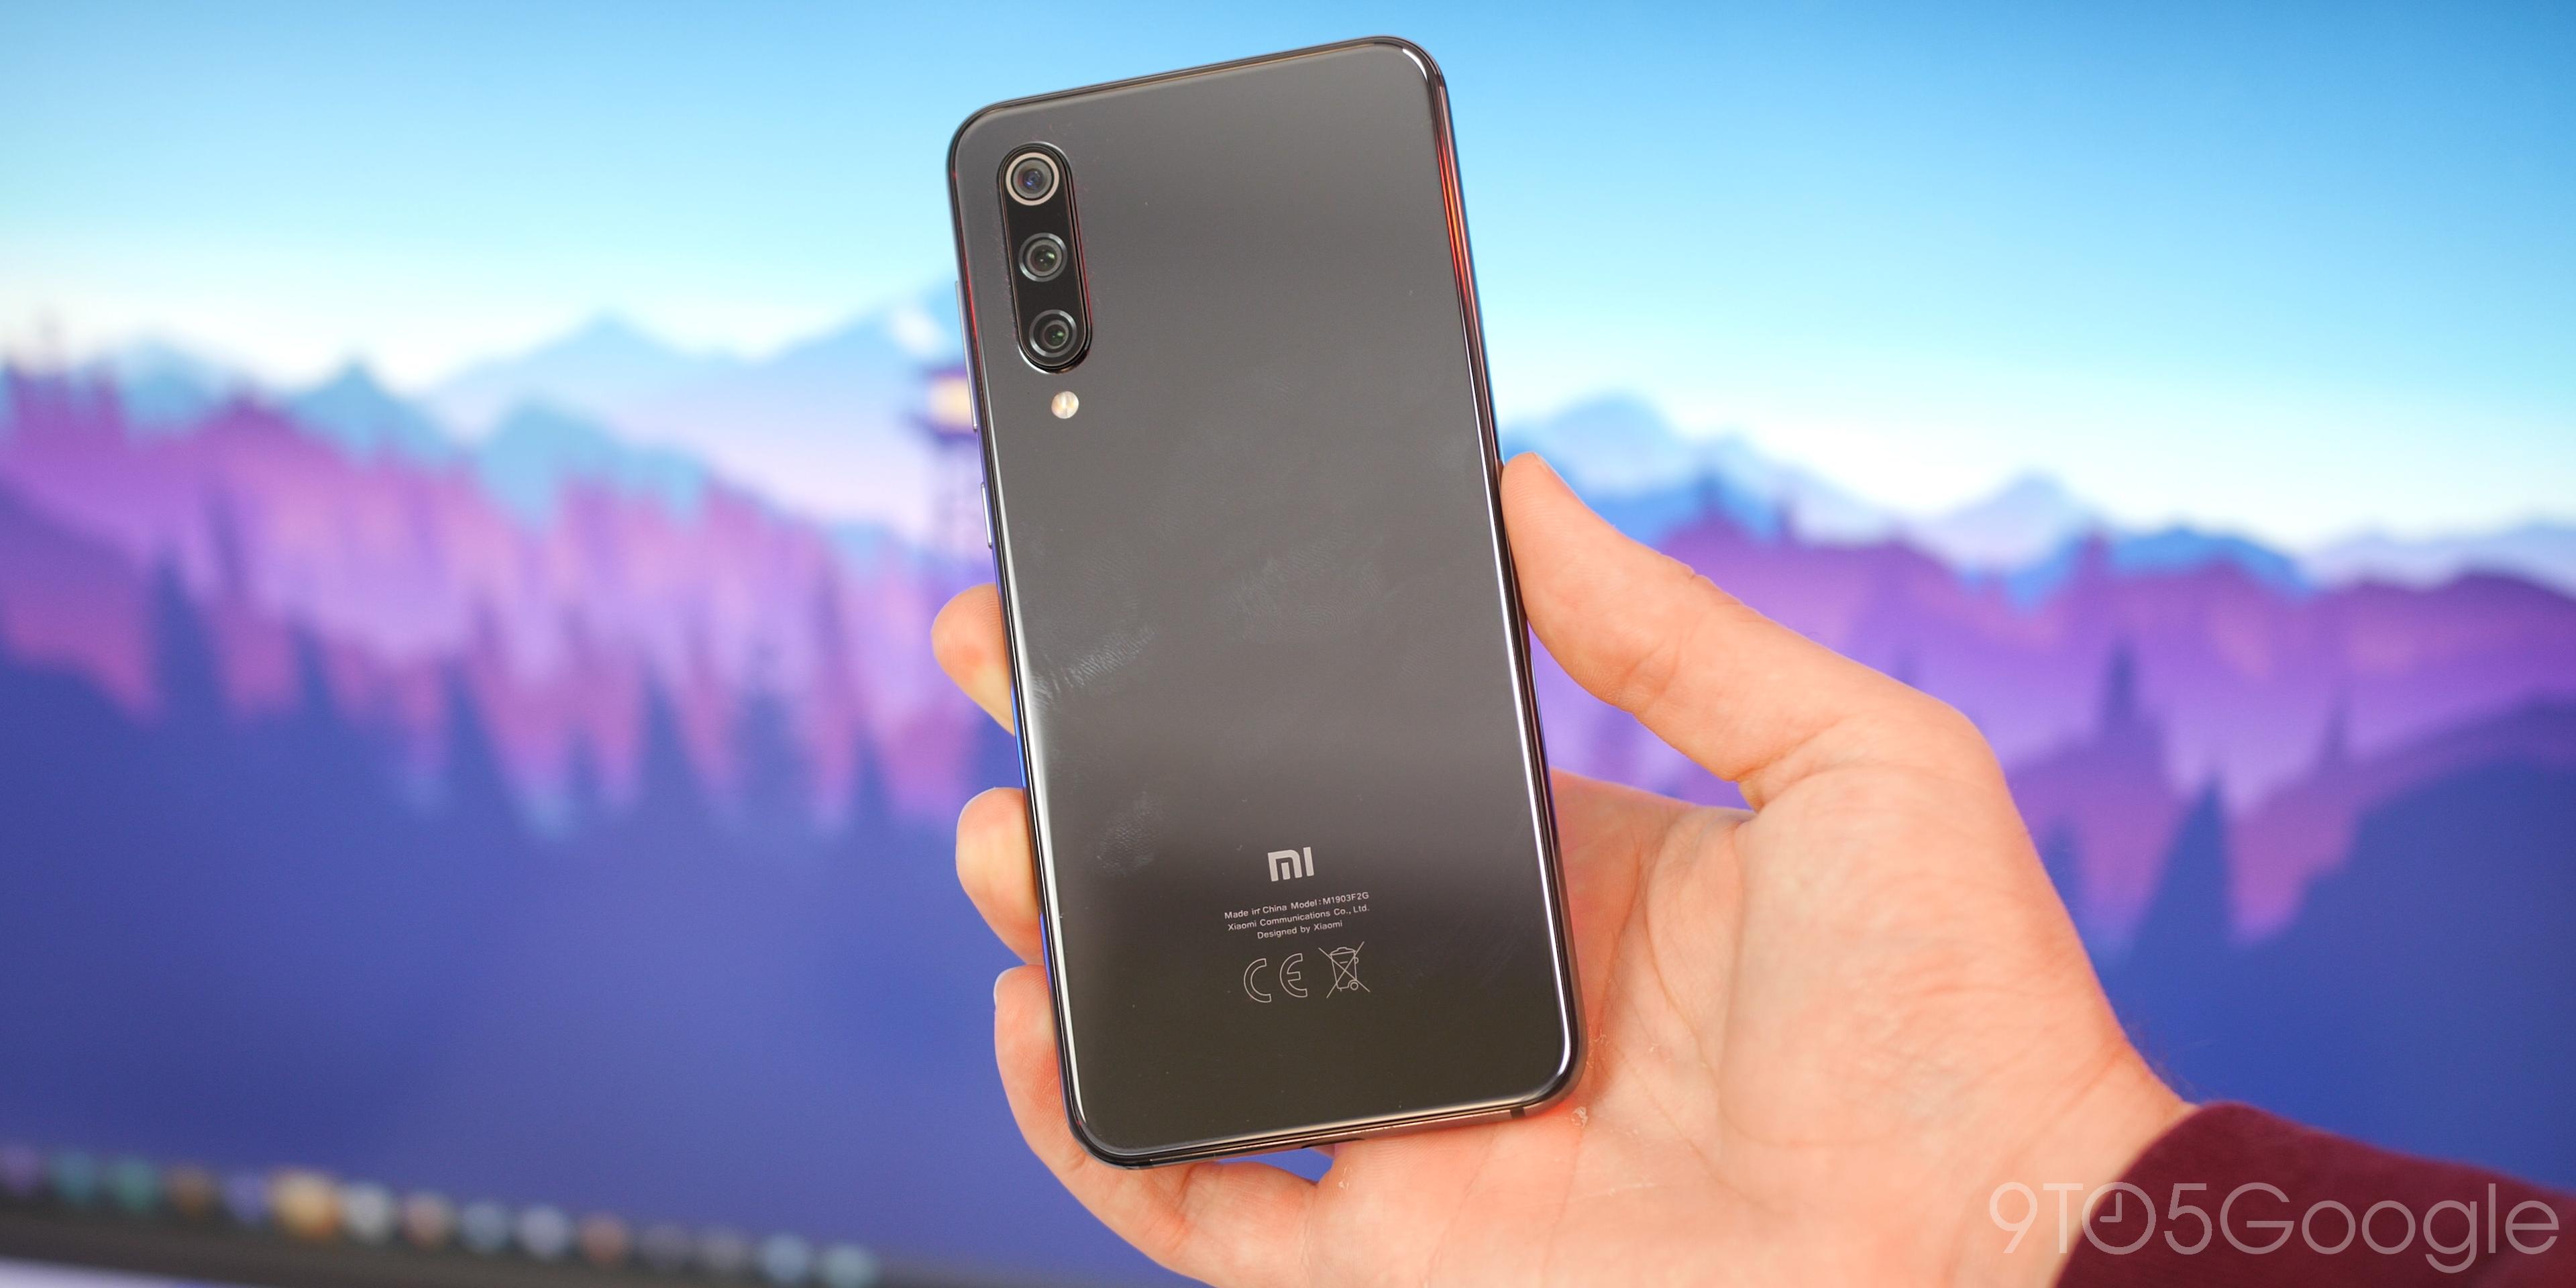 Xiaomi Mi 9 SE Test: Ein superkleines Handy, das mit dem Pixel 3a mithalten kann [Video]